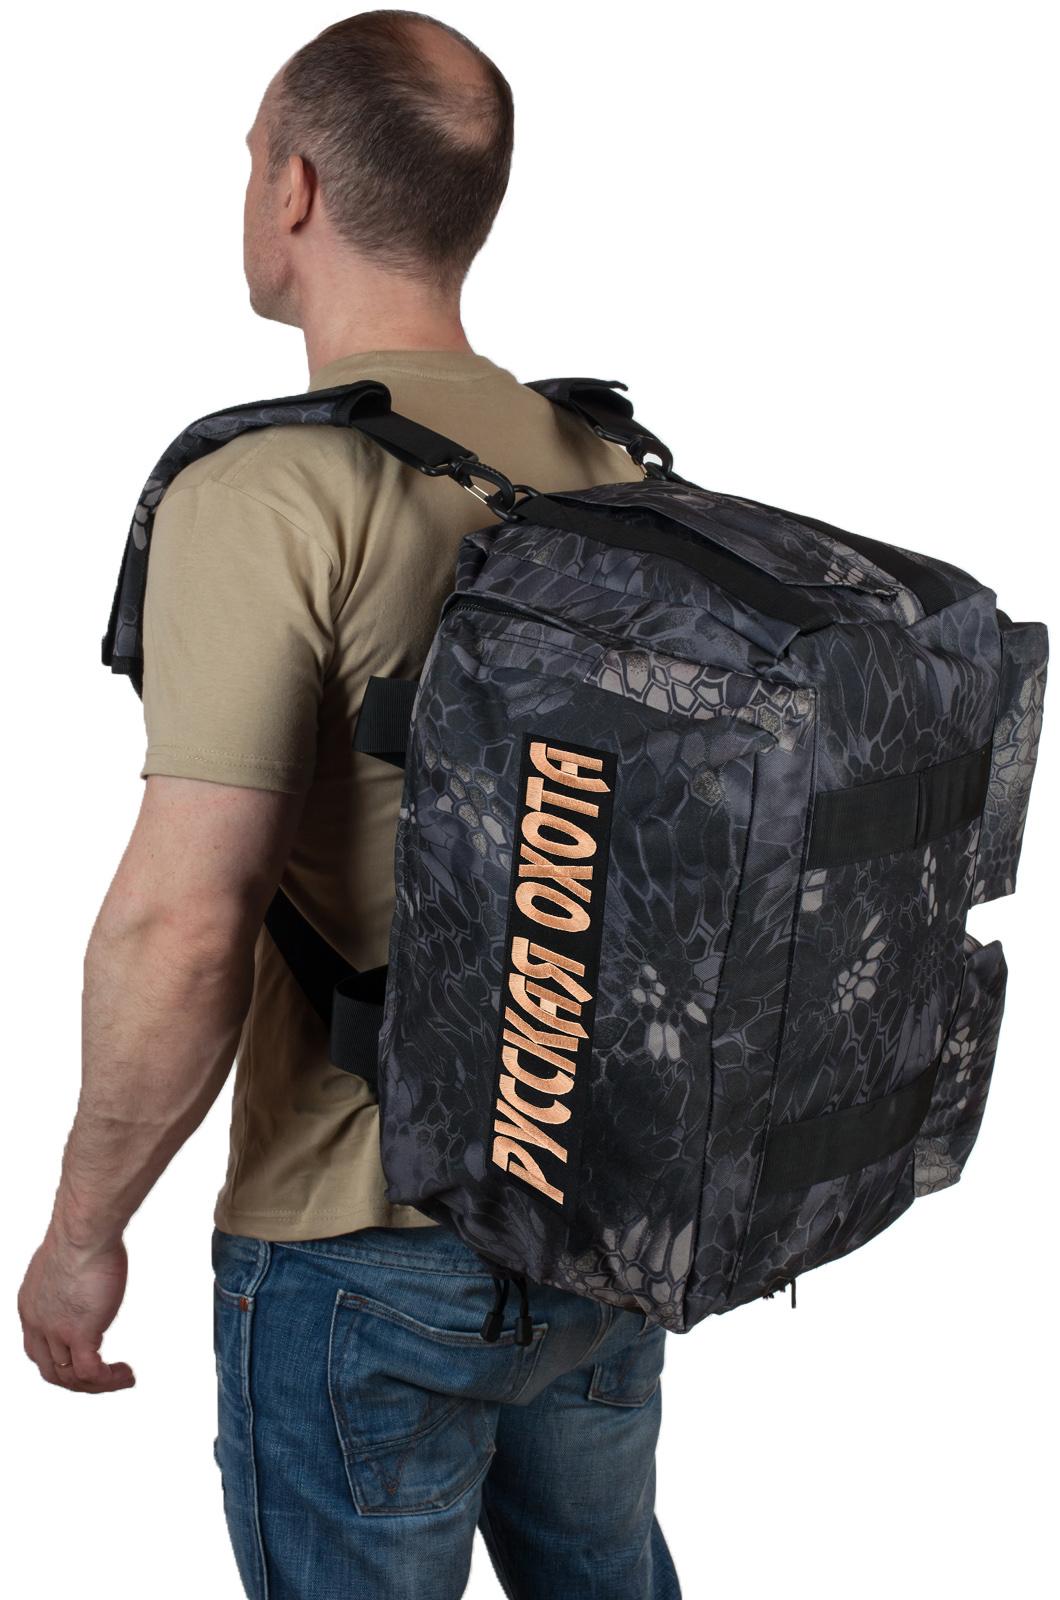 Купить военную дорожную сумку с нашивкой Русская Охота по специальной цене